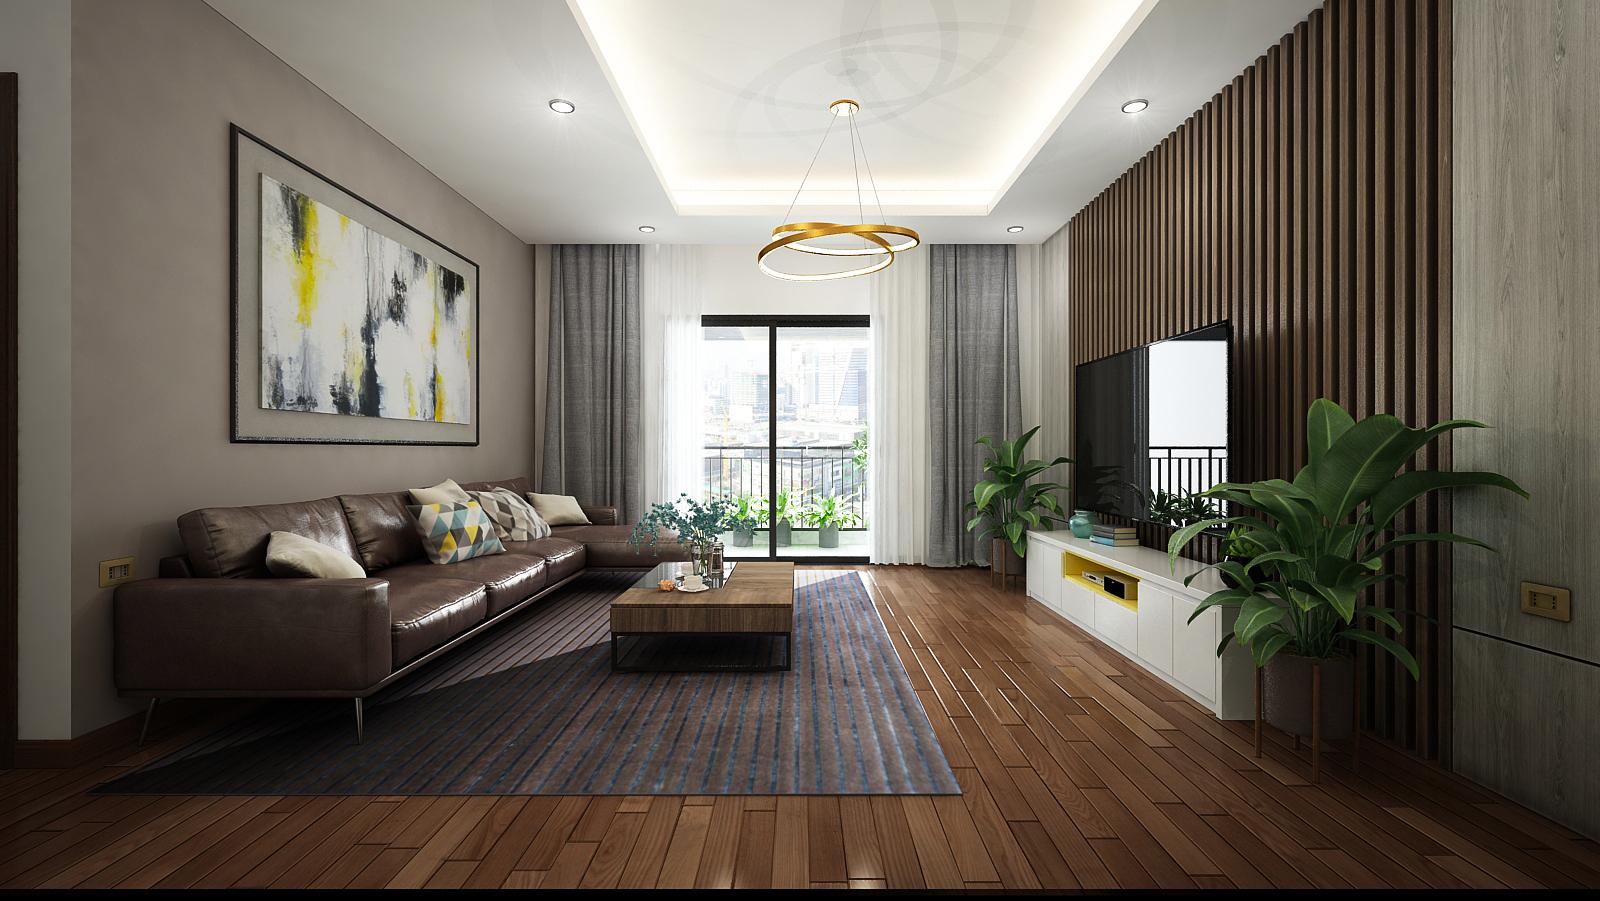 nội thất phòng khách chung cư, thiết kế phòng khách chung cư đơn giản, thiết kế nội thất phòng khách chung cư, phòng khách chung cư cao cấp, bố trí phòng khách chung cư, nội thất phòng khách chung cư nhỏ, nội thất phòng khách chung cư đẹp, sắp xếp phòng khách chung cư, nội thất phòng khách chung cư đơn giản, nội thất phòng khách chung cư hiện đại, mẫu nội thất phòng khách chung cư, nội thất phòng khách nhà chung cư, trang trí nội thất phòng khách chung cư, nội thất phòng khách chung cư cao cấp, nội thất cho phòng khách chung cư, bố trí nội thất phòng khách chung cư, thiết kế nội thất phòng khách chung cư đẹp, nội thất phòng khách căn hộ chung cư